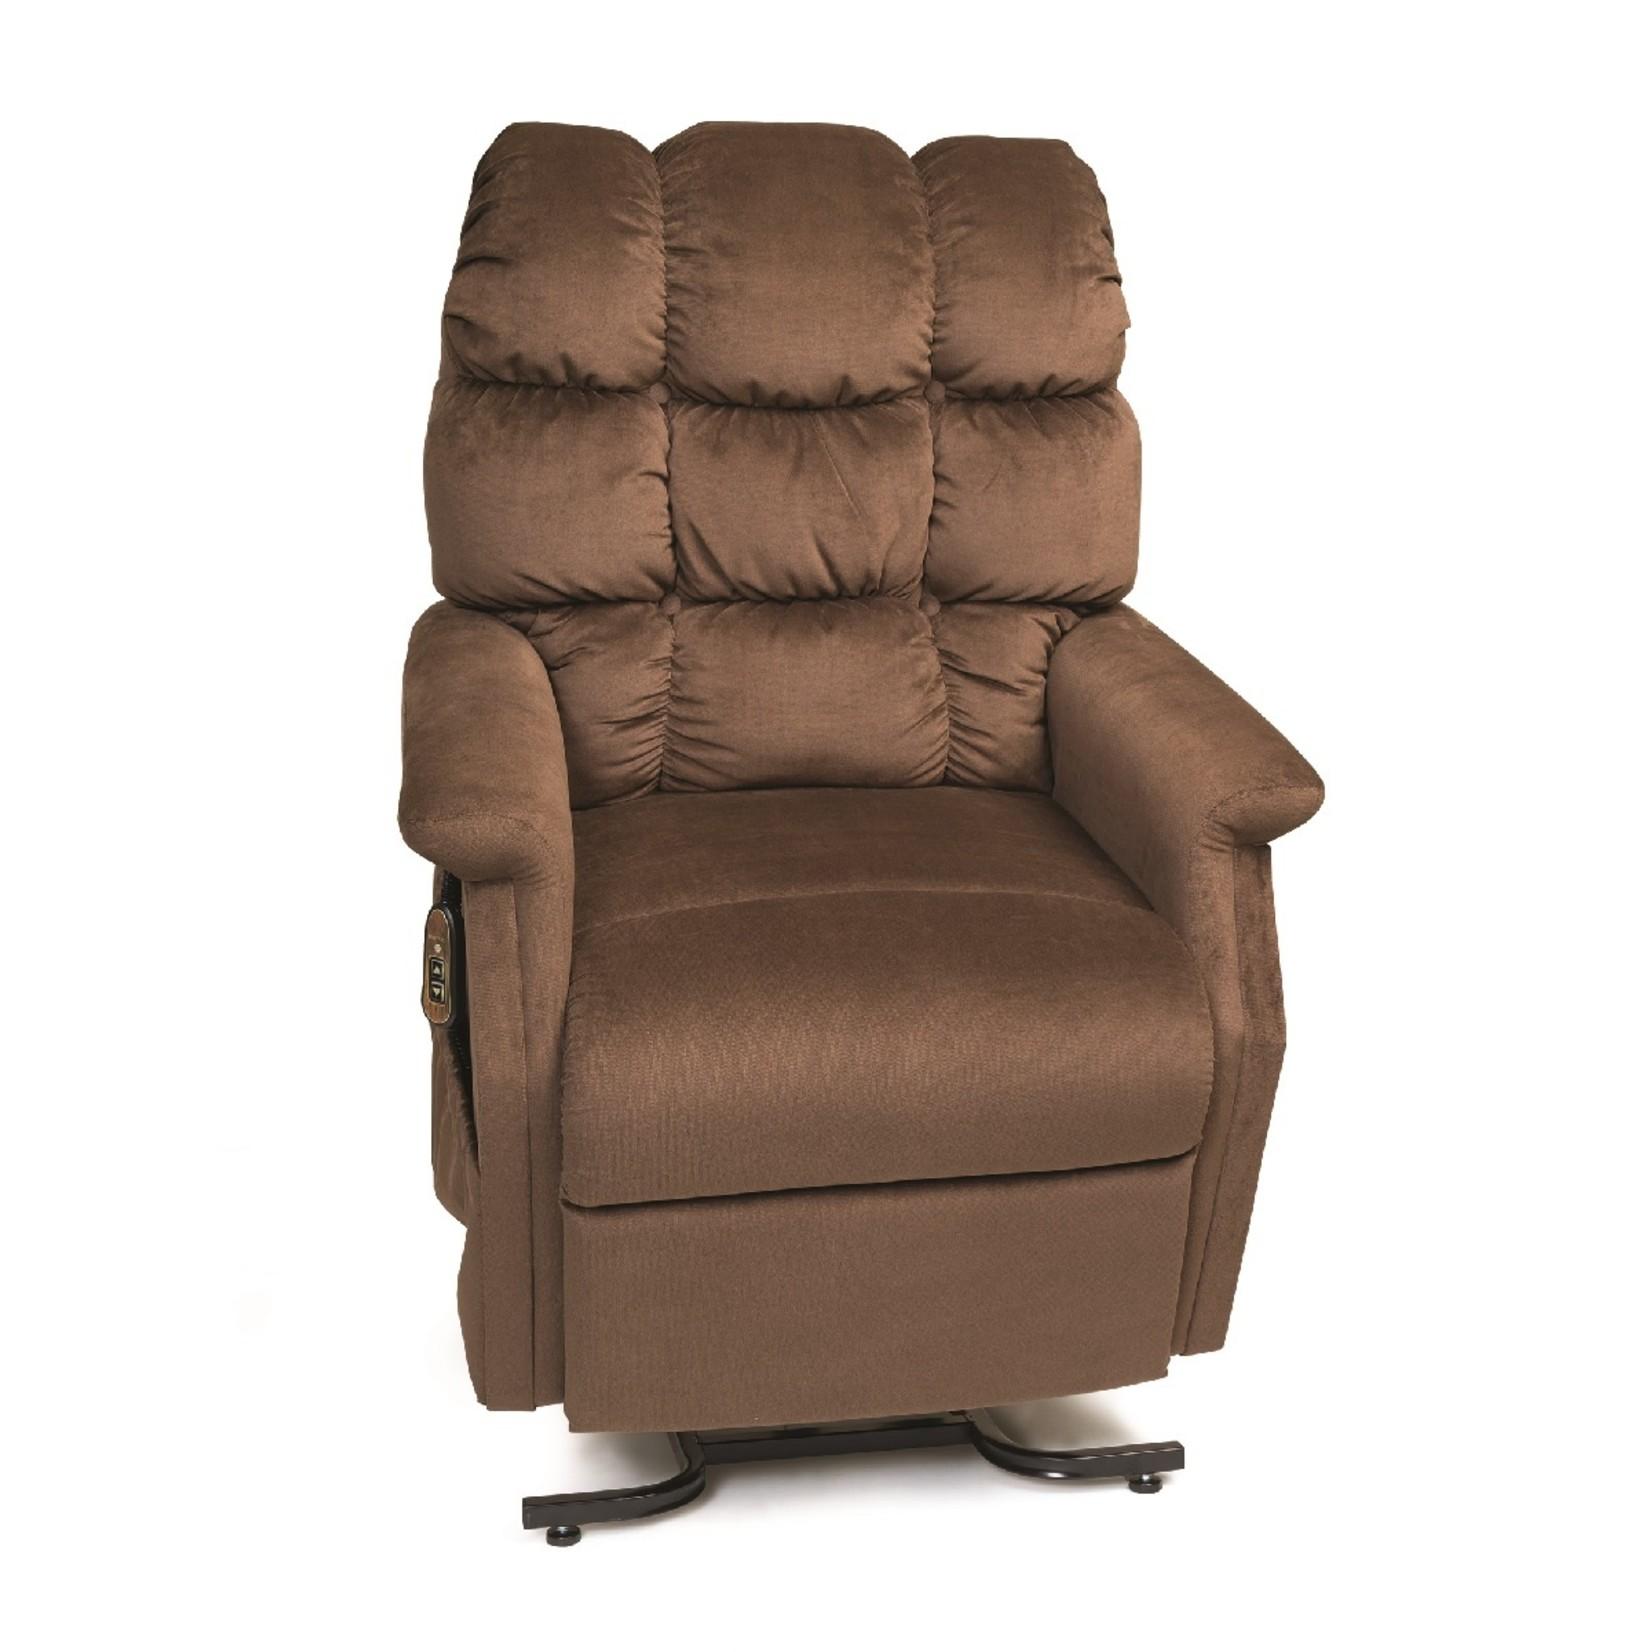 Golden Technologies Cambridge Recliner Chair